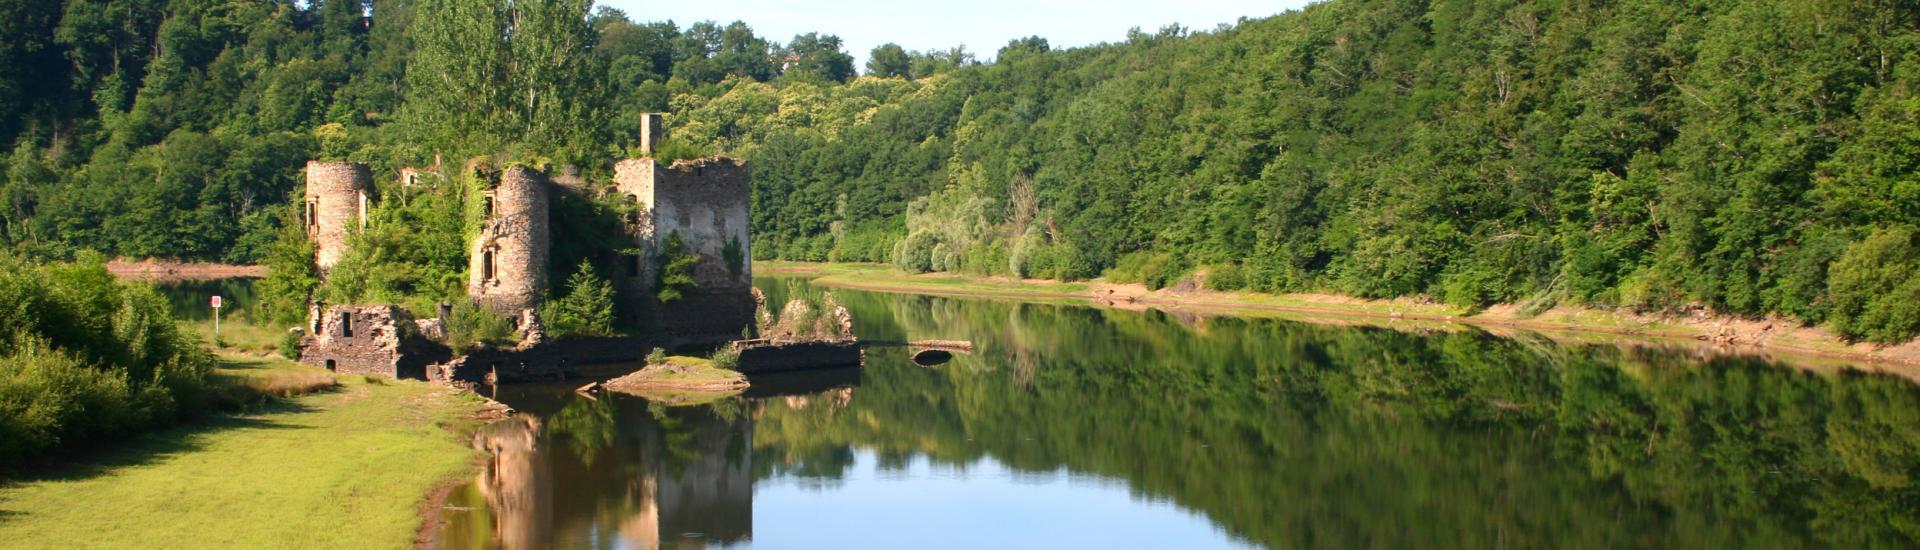 Chateau de Grandval, Teillet